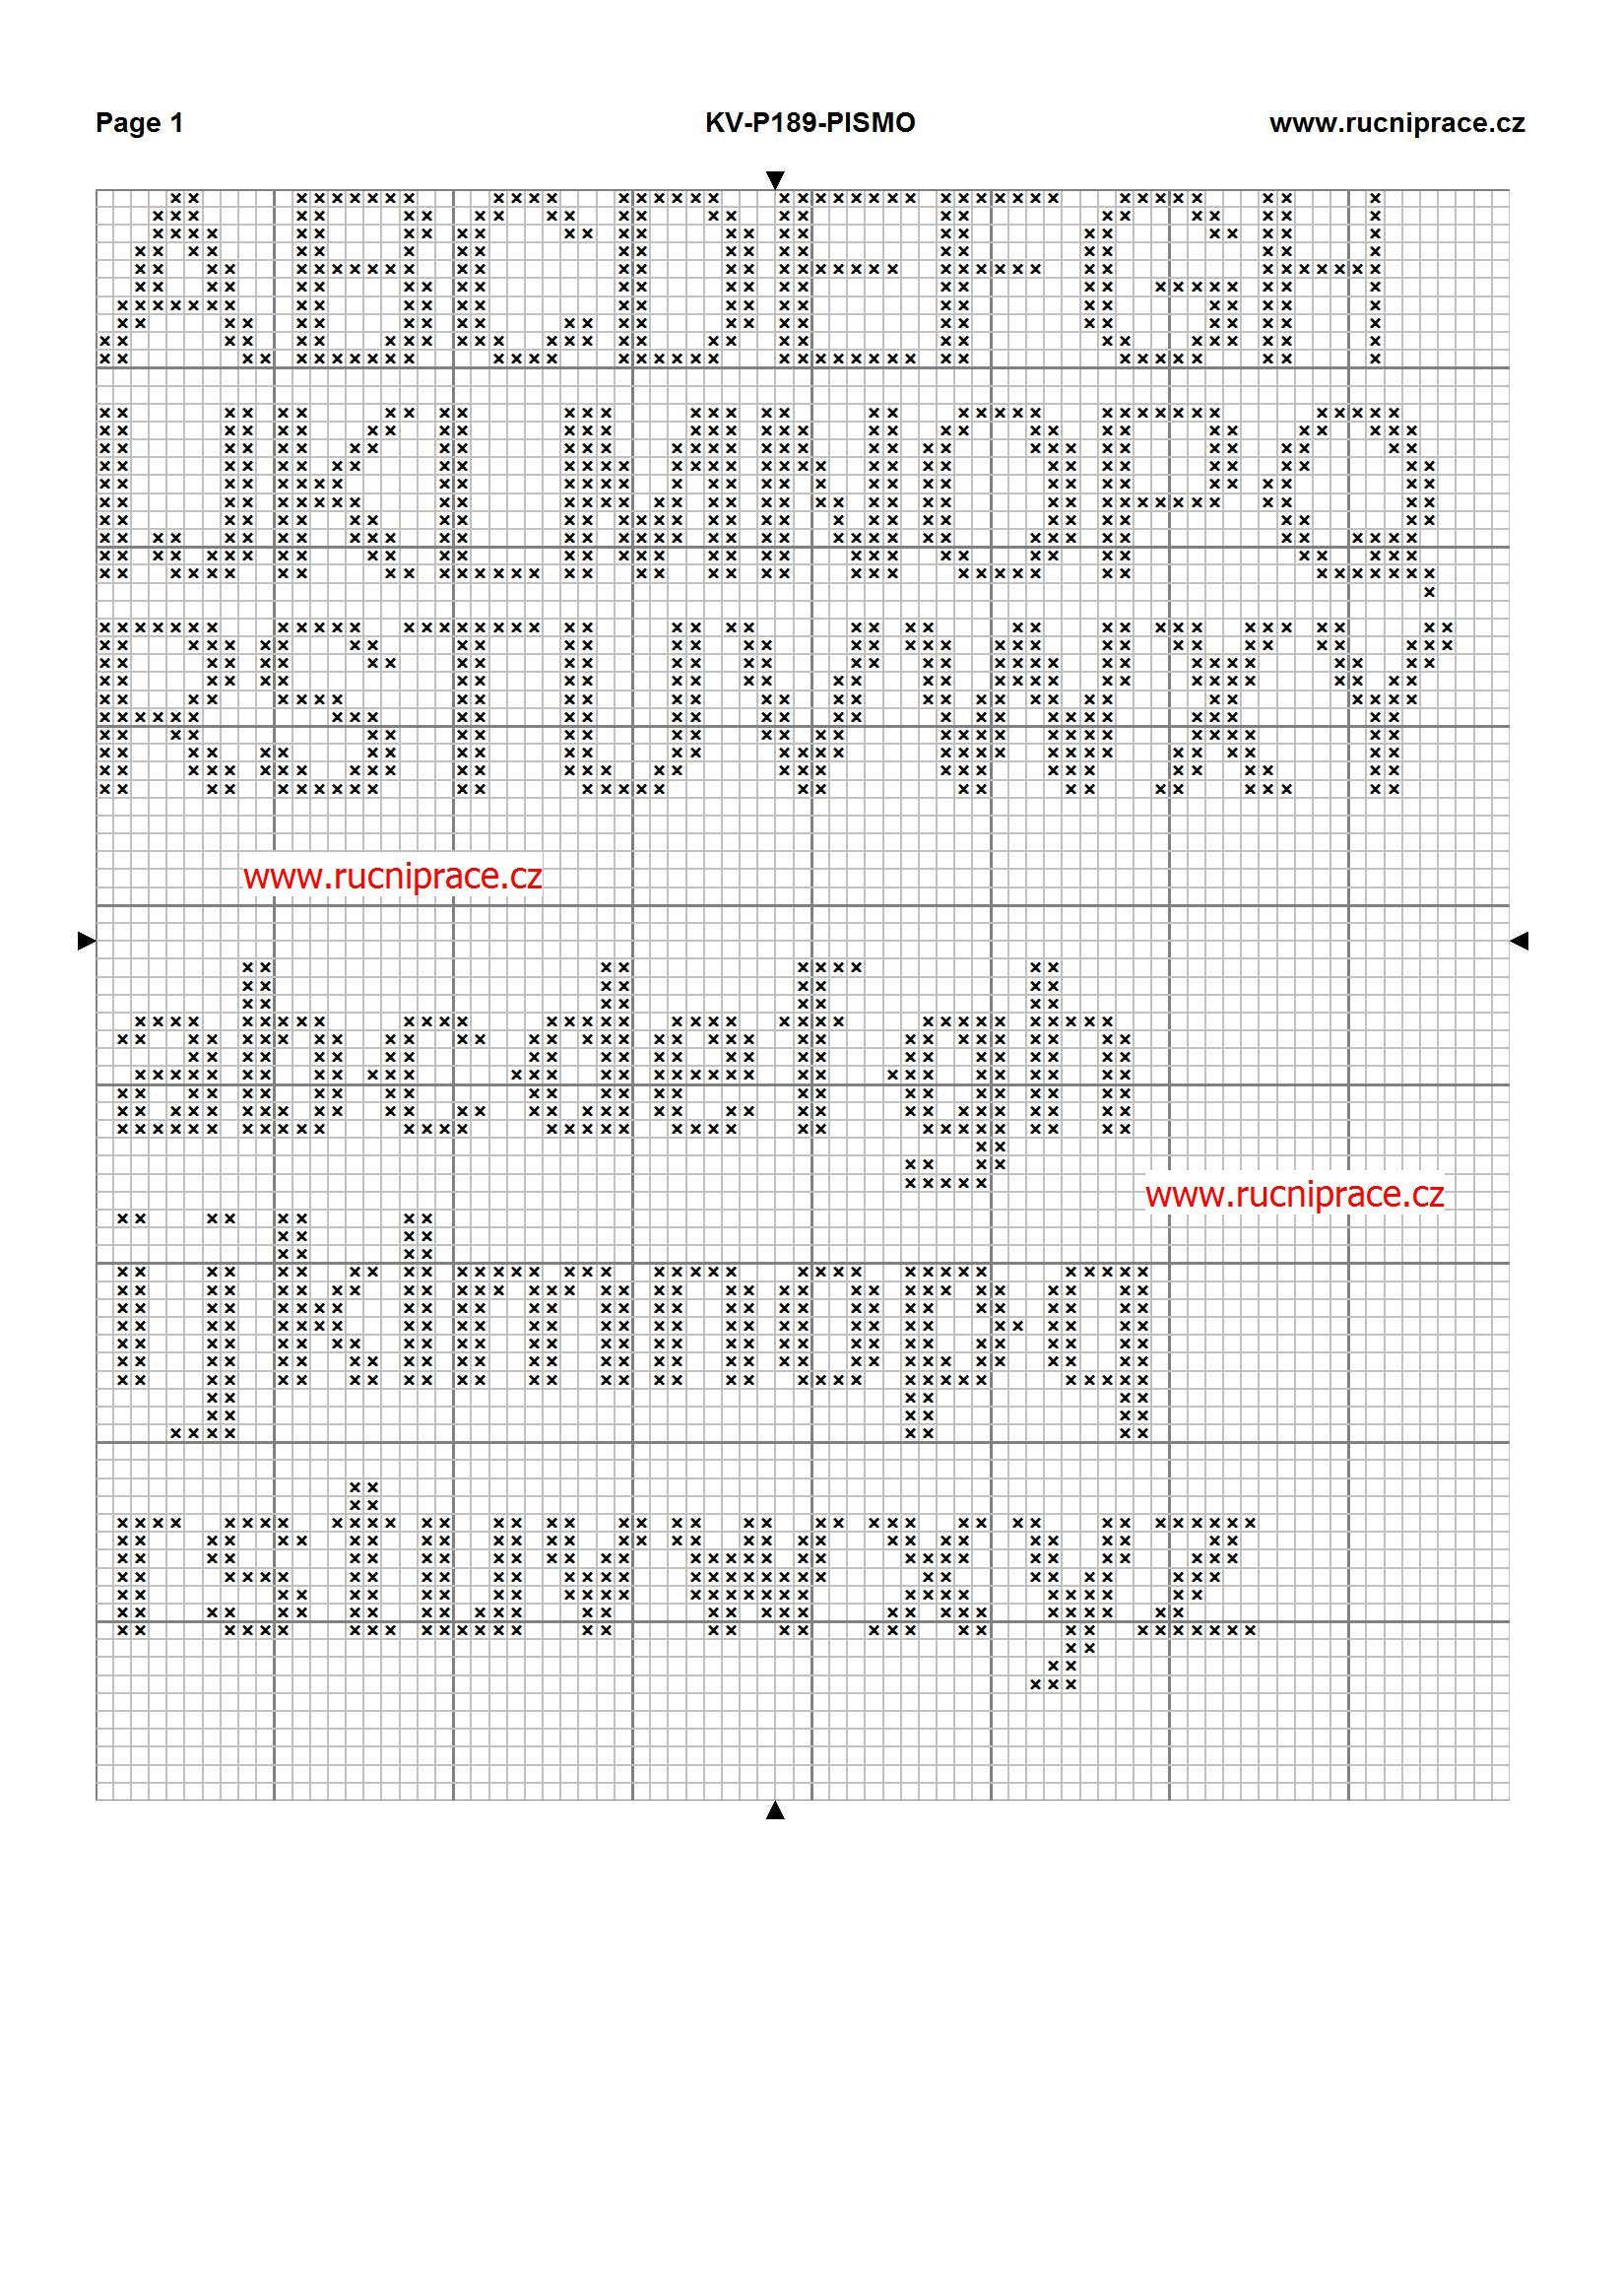 kv-p189-pismo-predloha.jpg 1,646×2,331 pixels | Crochet | Pinterest